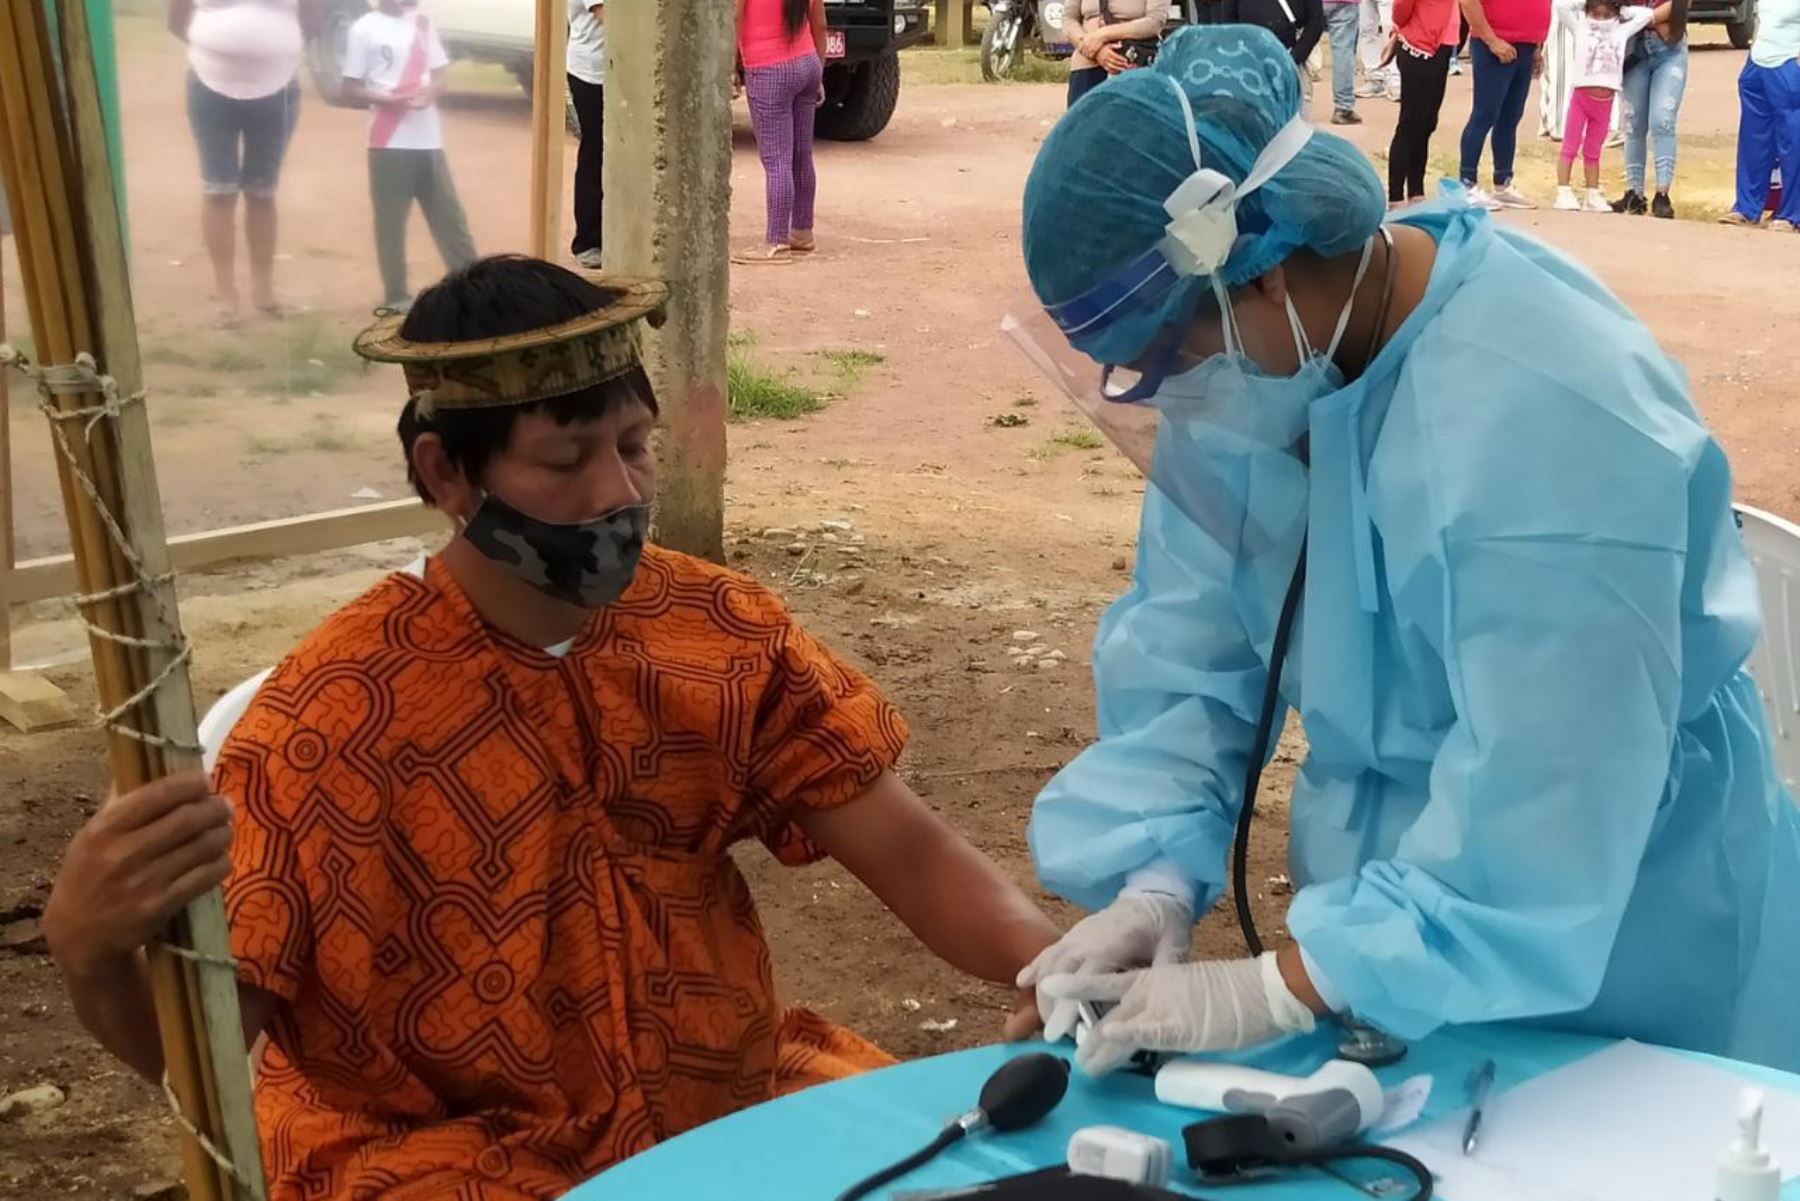 Luego de recibir más de 31,000 dosis de la vacuna contra el covid-19 por parte del Ministerio de Salud, la región Amazonas fortalecerá su proceso de vacunación con brigadas itinerantes. Foto: ANDINA/difusión.